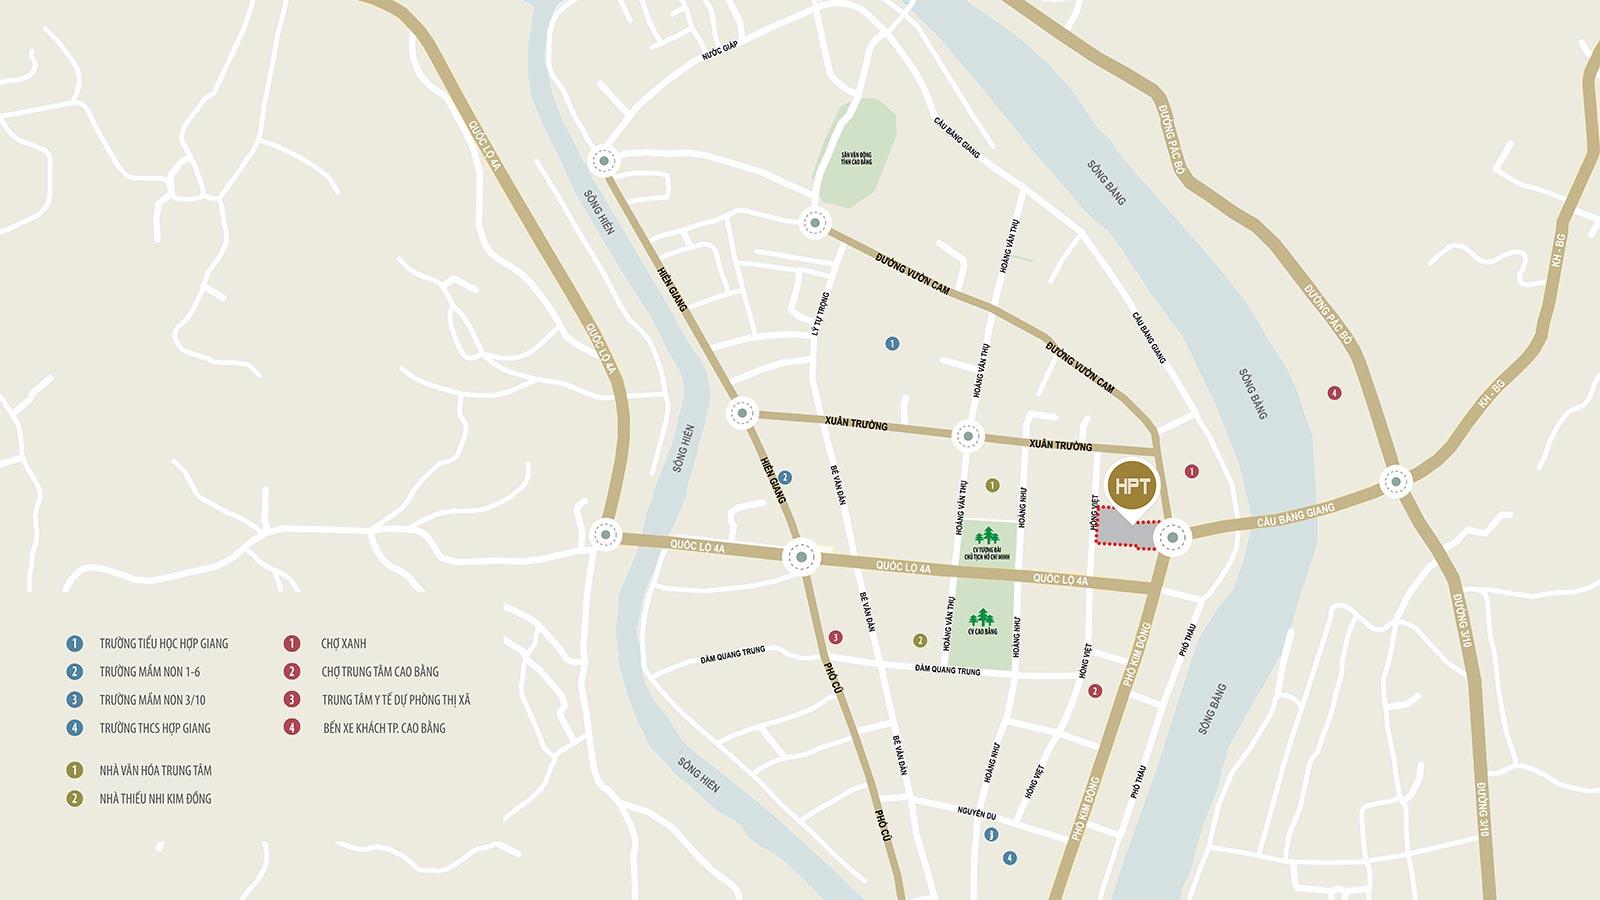 Vị trí đắc địa tại trung tâm thành phố Cao Bằng